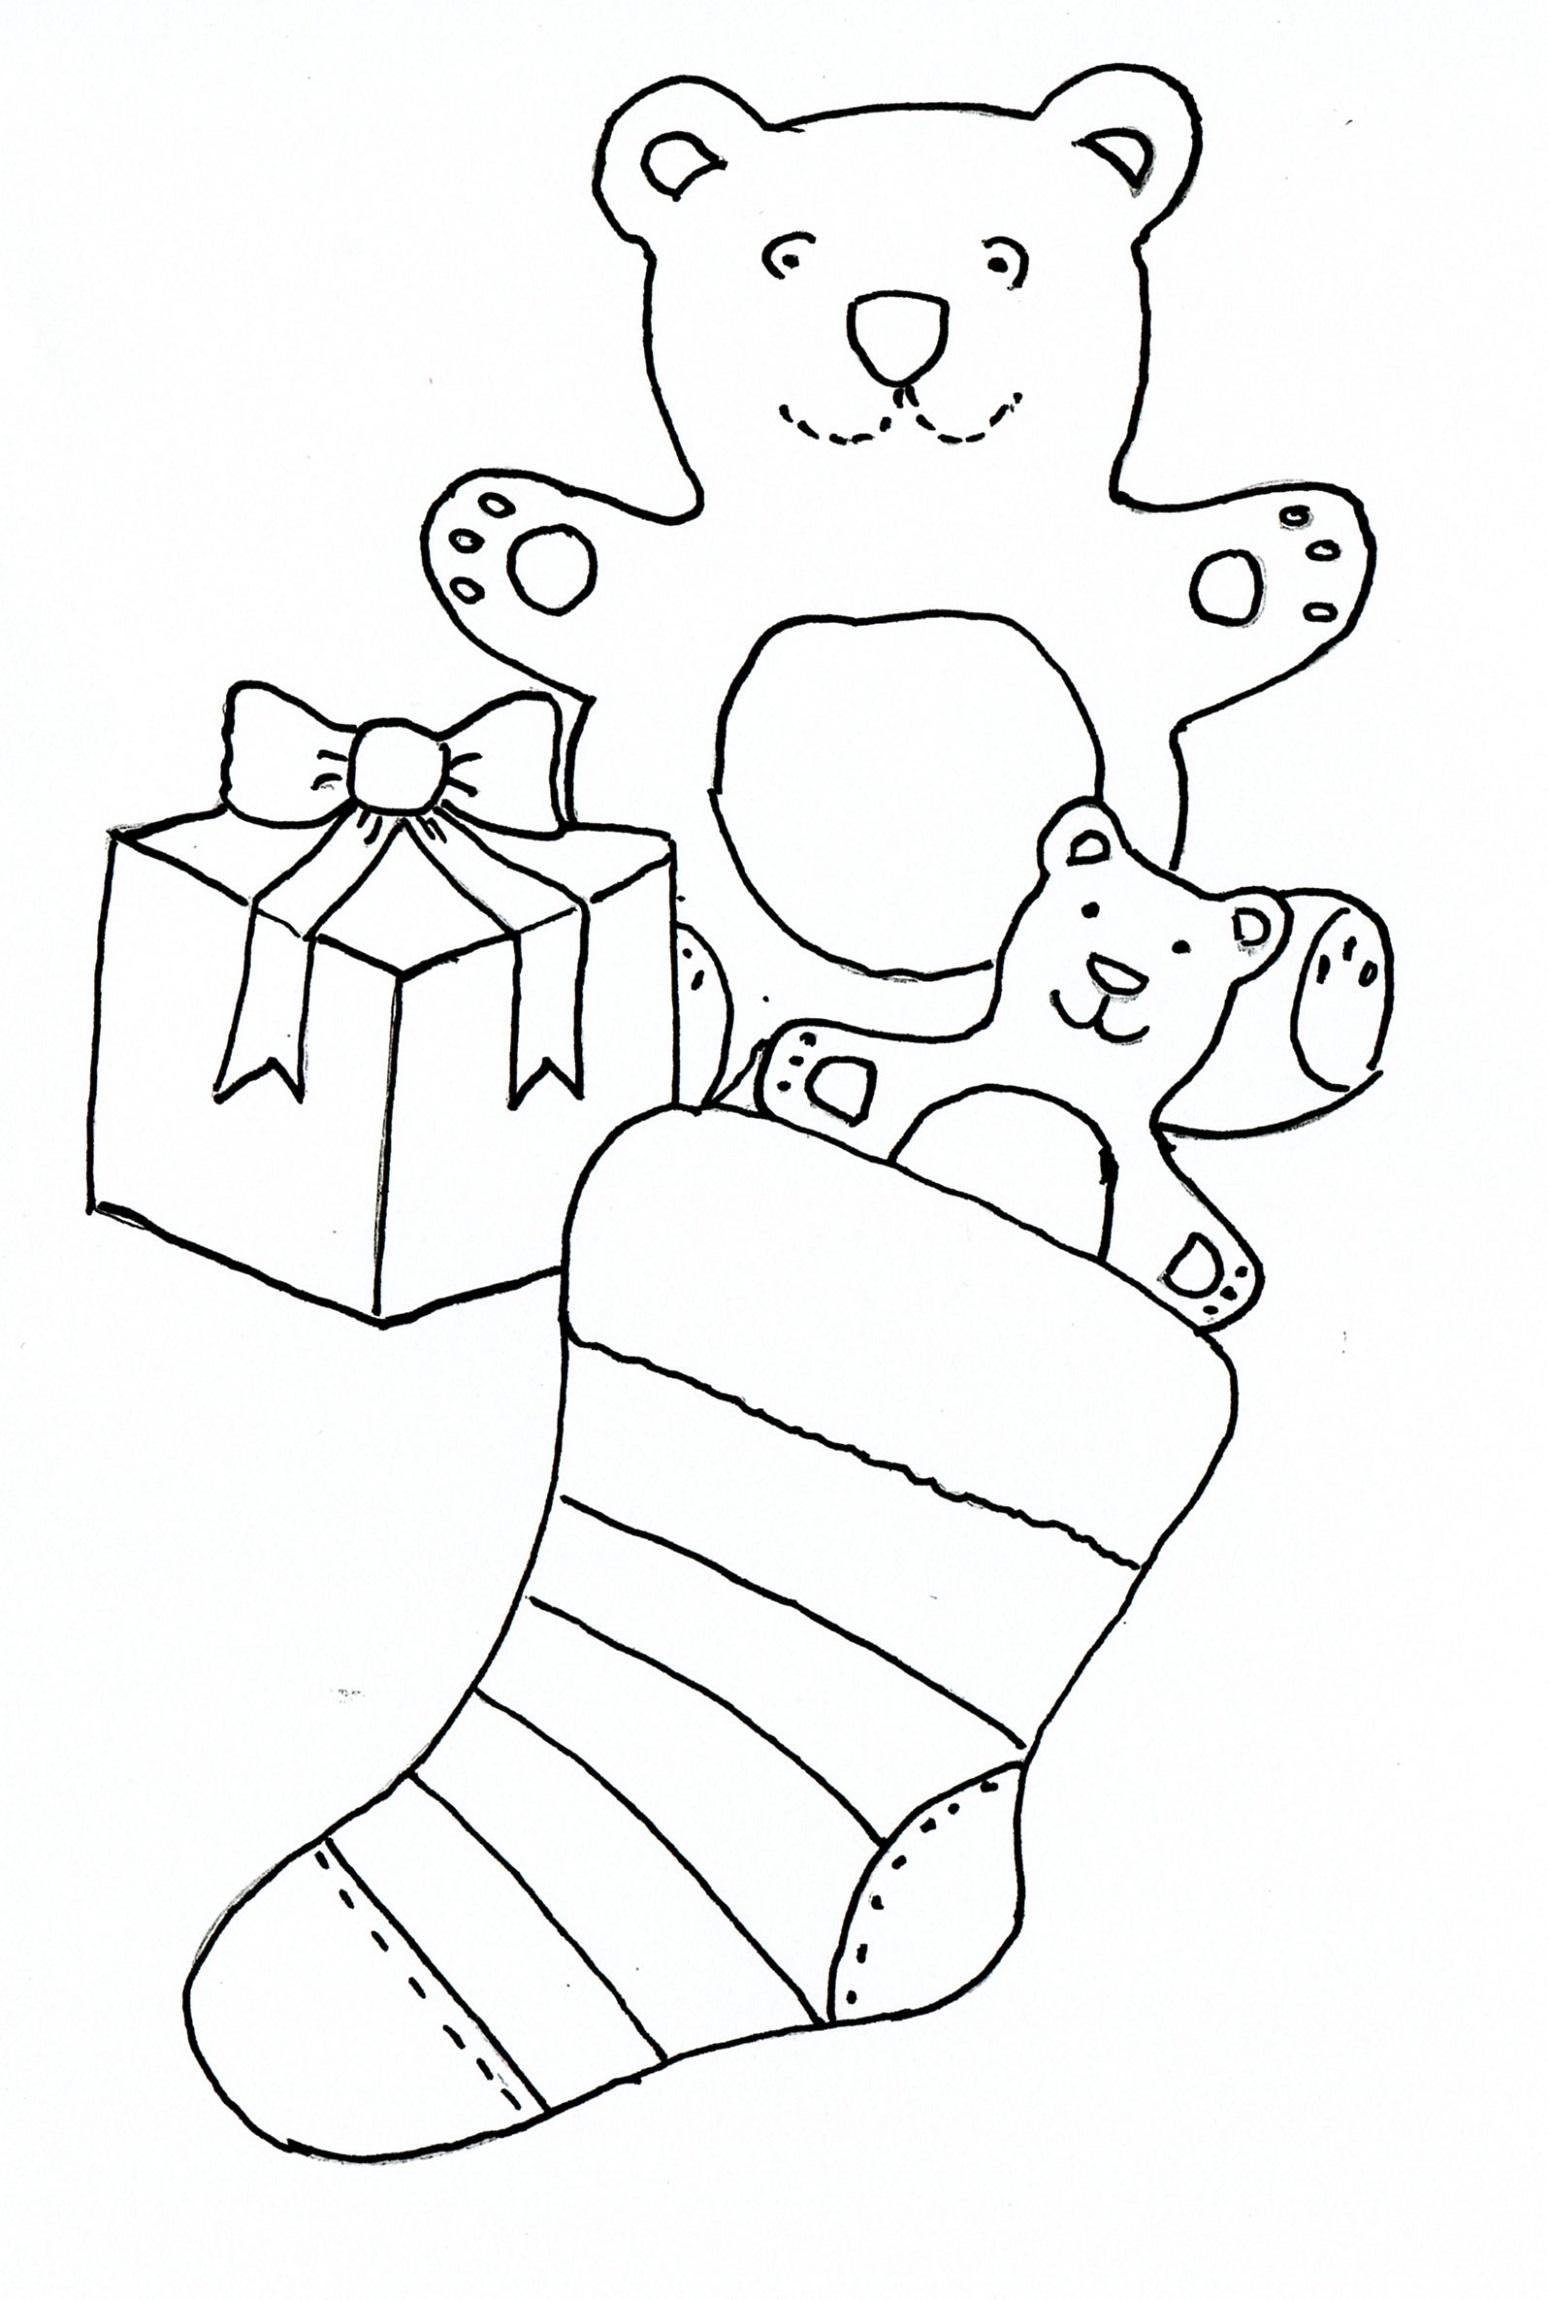 Kids Drawing Templates Stocking